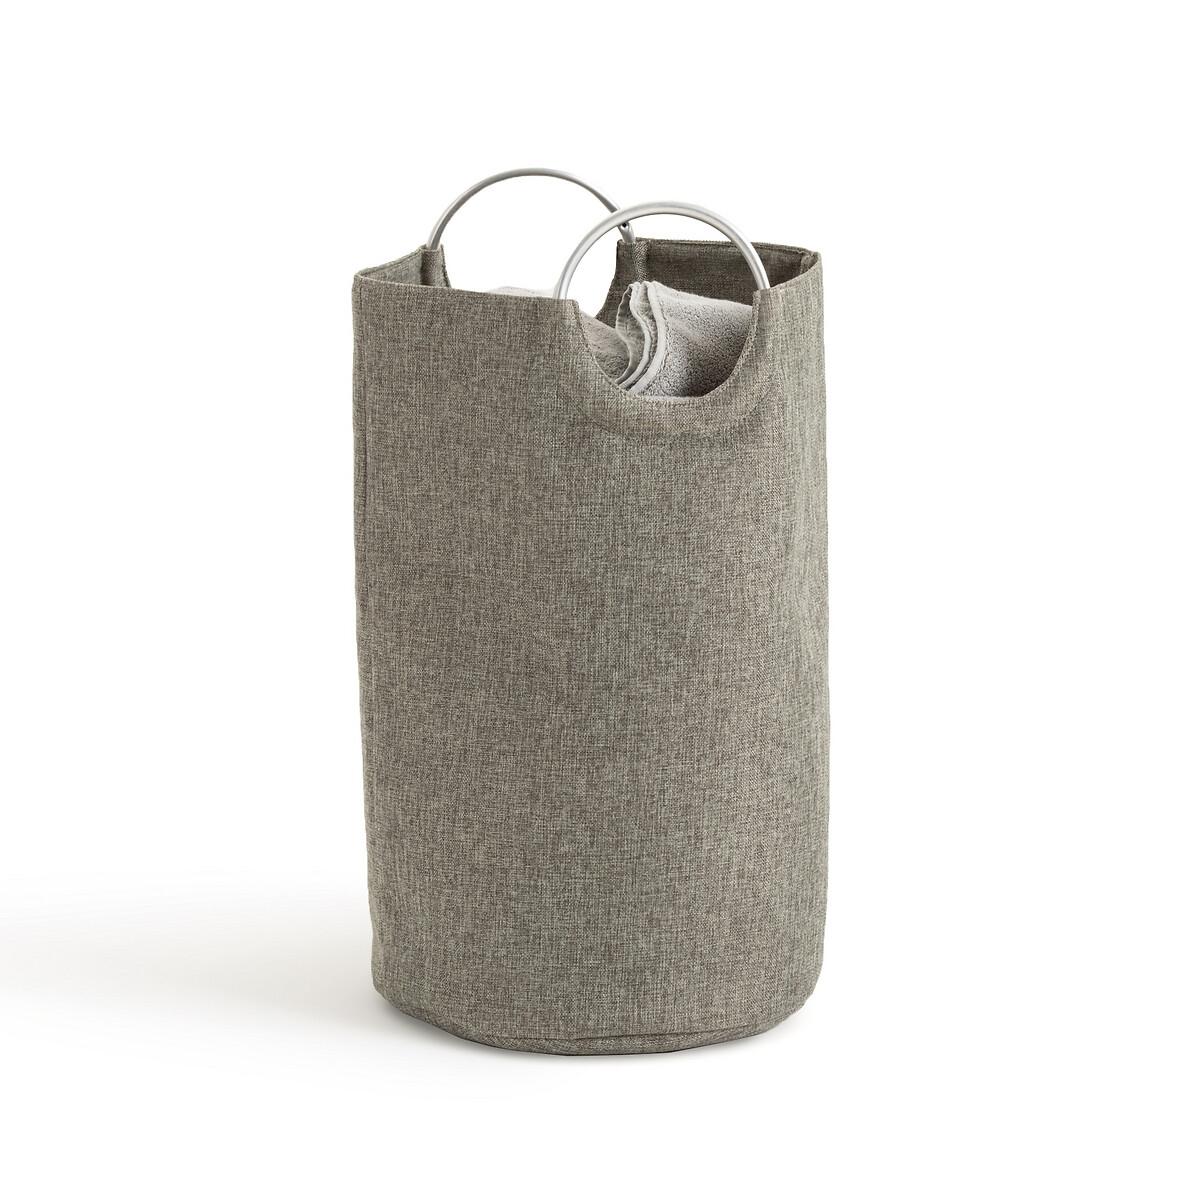 Фото - Корзина LaRedoute Для белья из ткани Louison единый размер серый корзина laredoute для белья из ткани louison единый размер серый